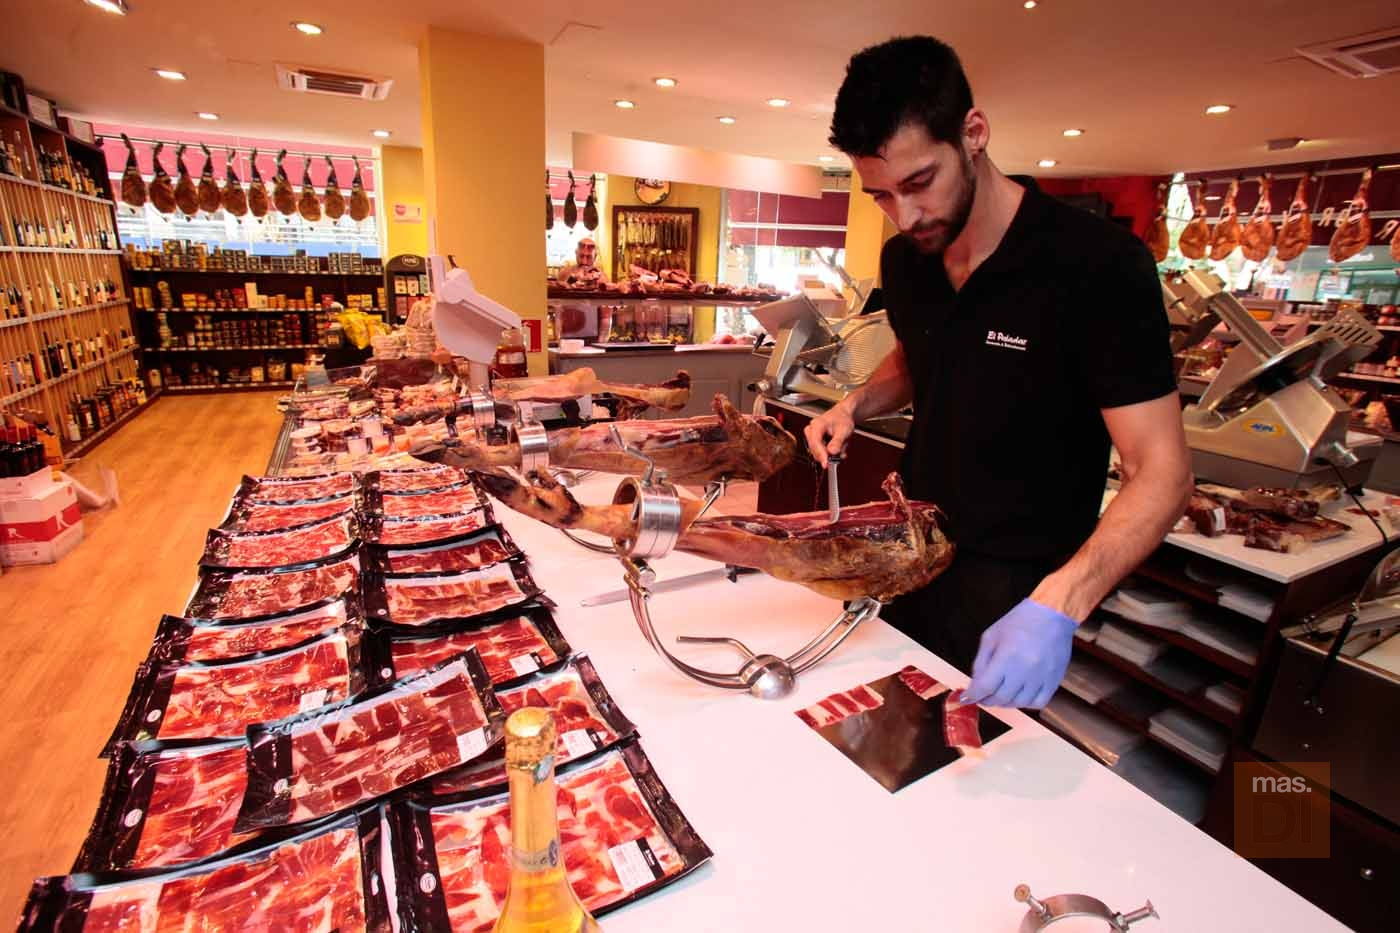 El Paladar, Jamoneria & Delicatessen. Manjares de pequeños productores